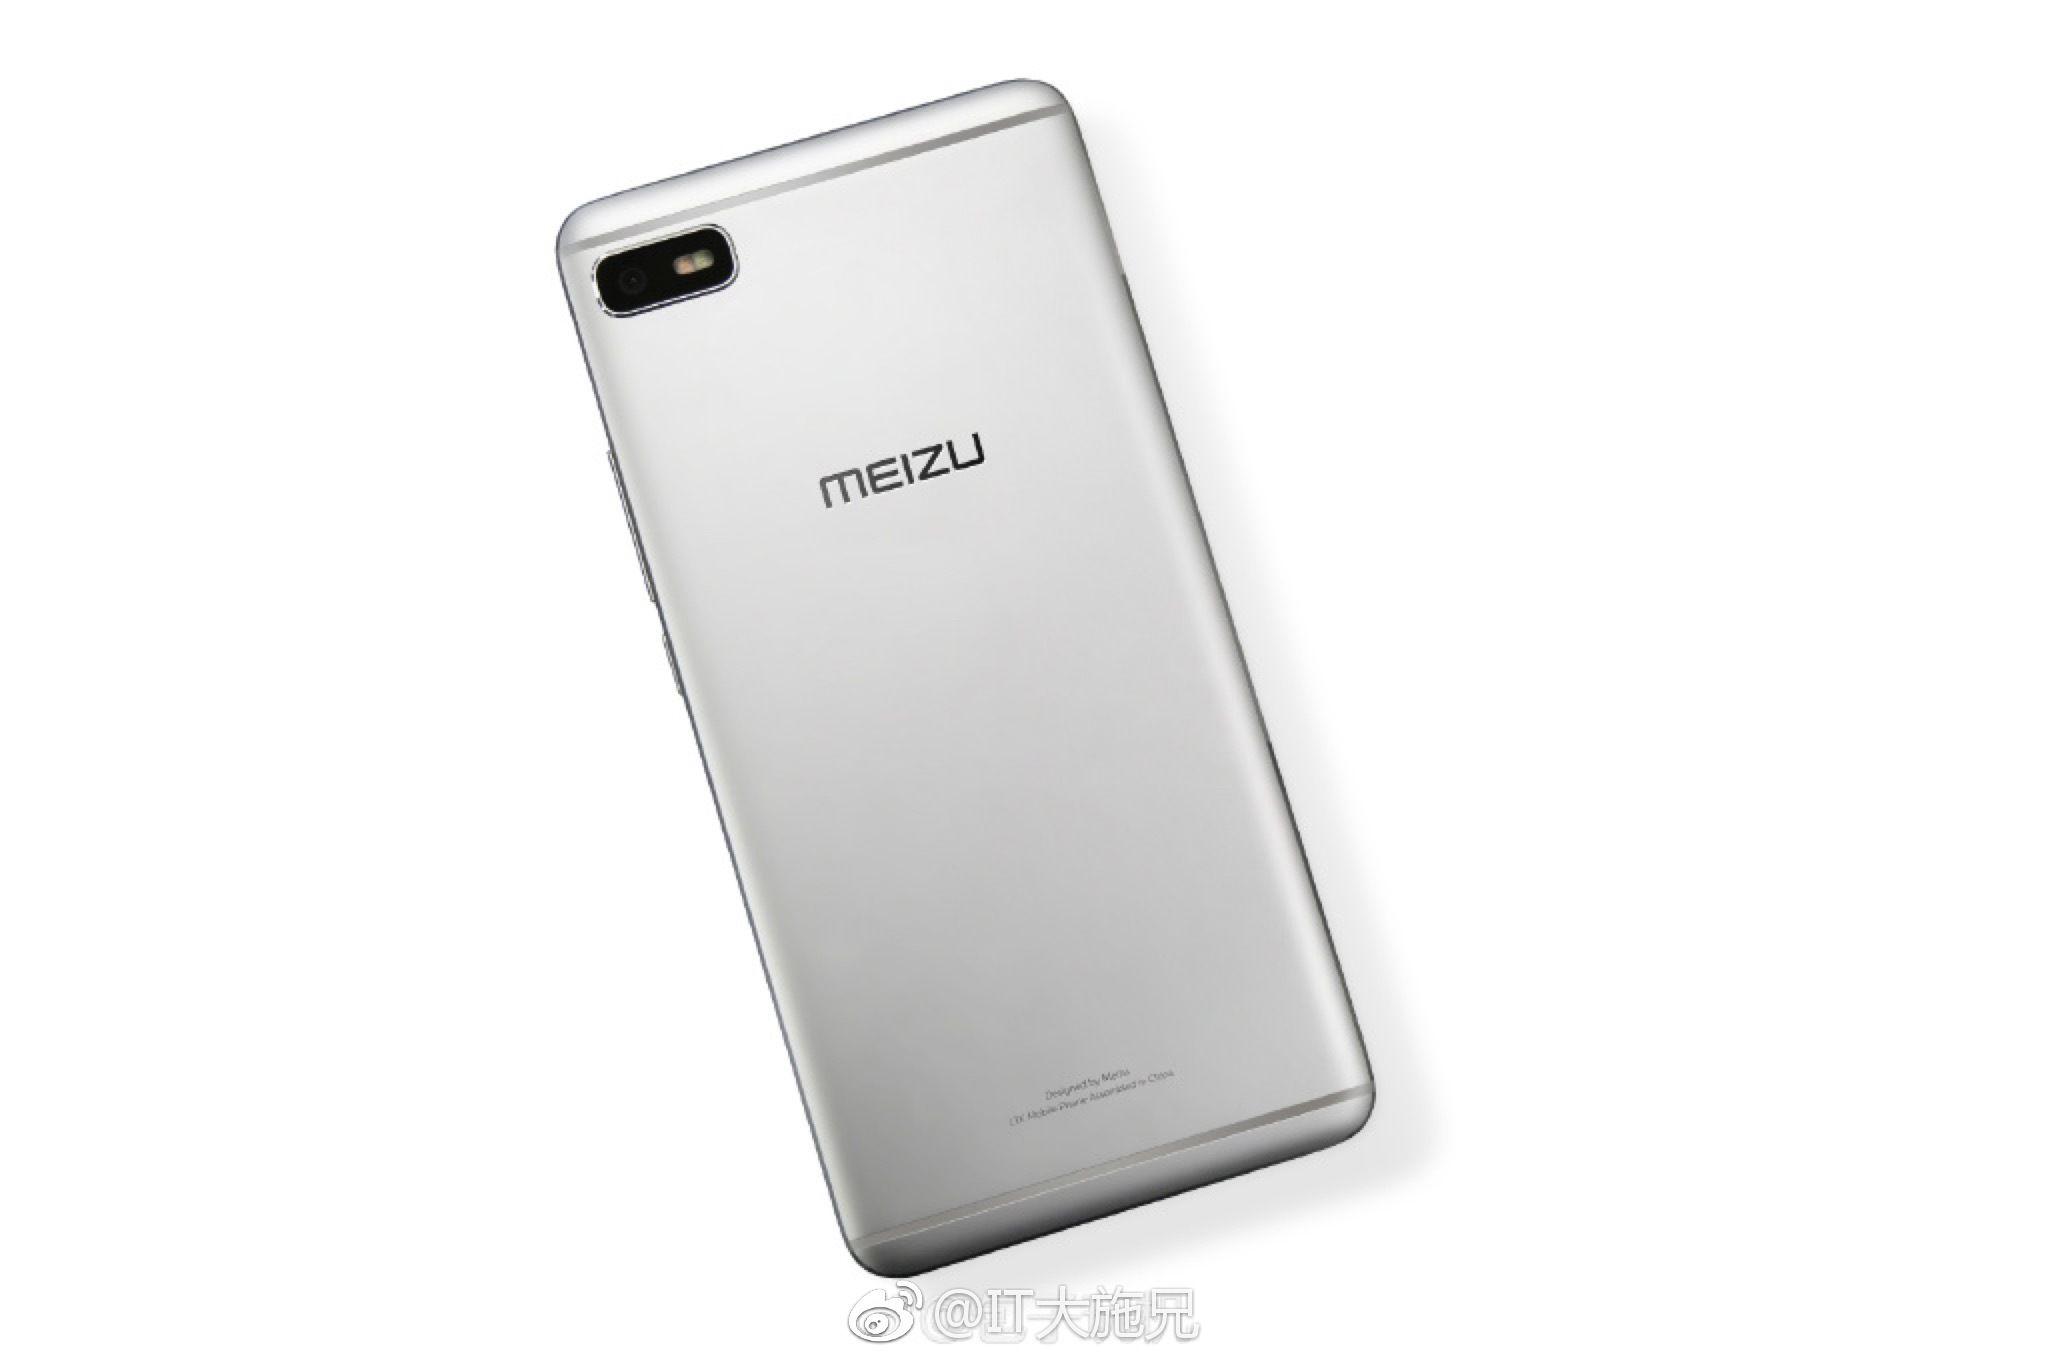 魅藍 E2(Meizu M2 E)の実機画像、動画がリーク。背面カメラのデザインが大きく変化